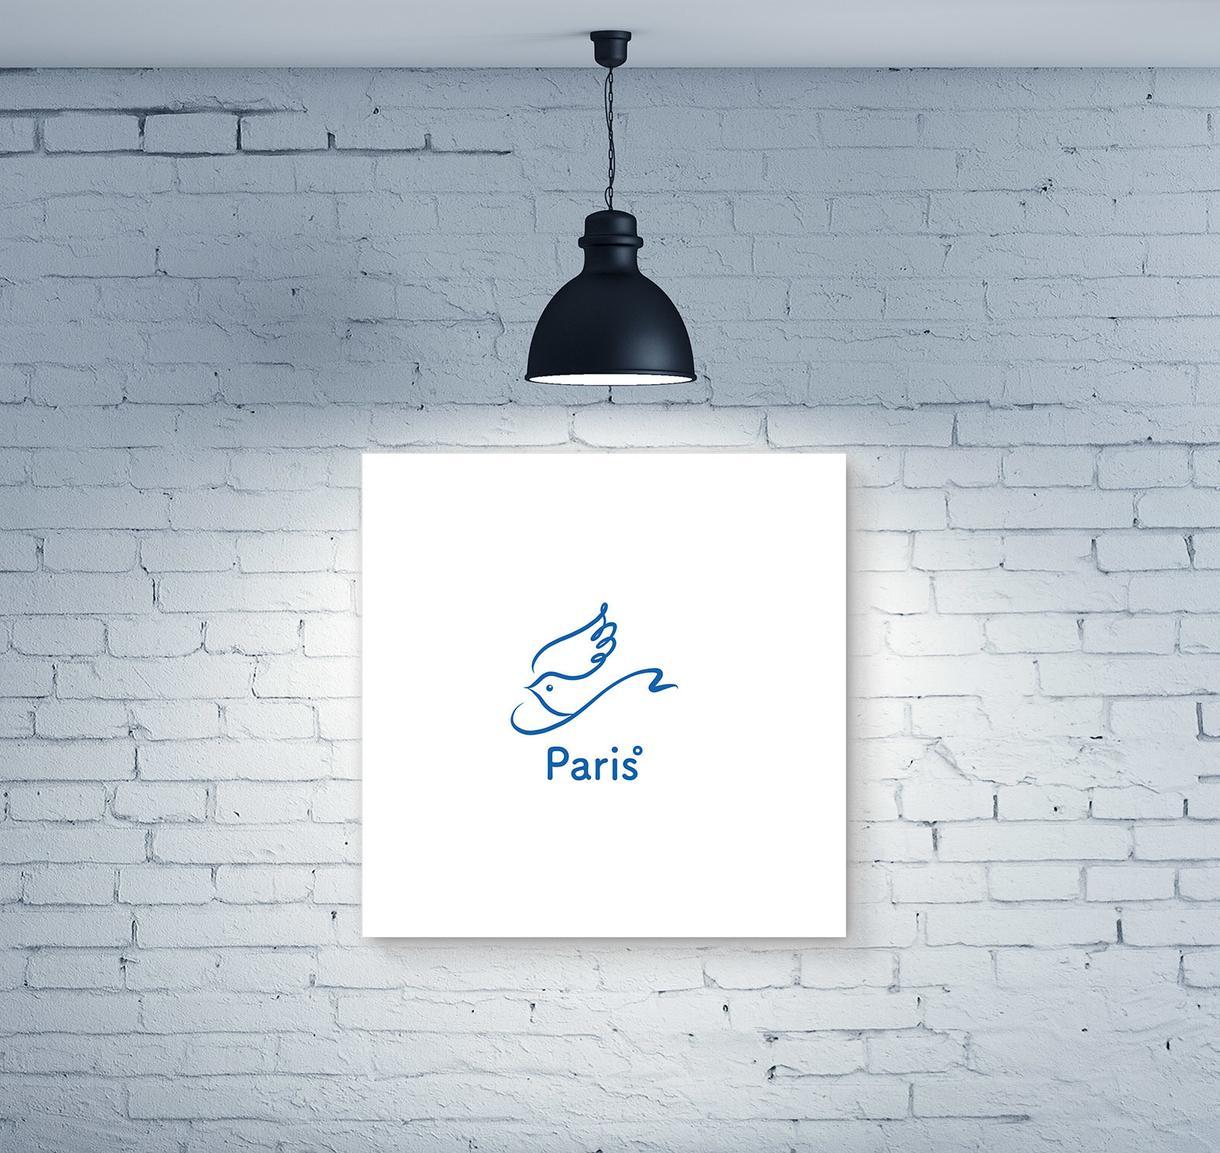 経験豊富なパリ在住デザイナーがロゴを作成します ブランディングをベースに作成するので、ブランド戦略も明確に!